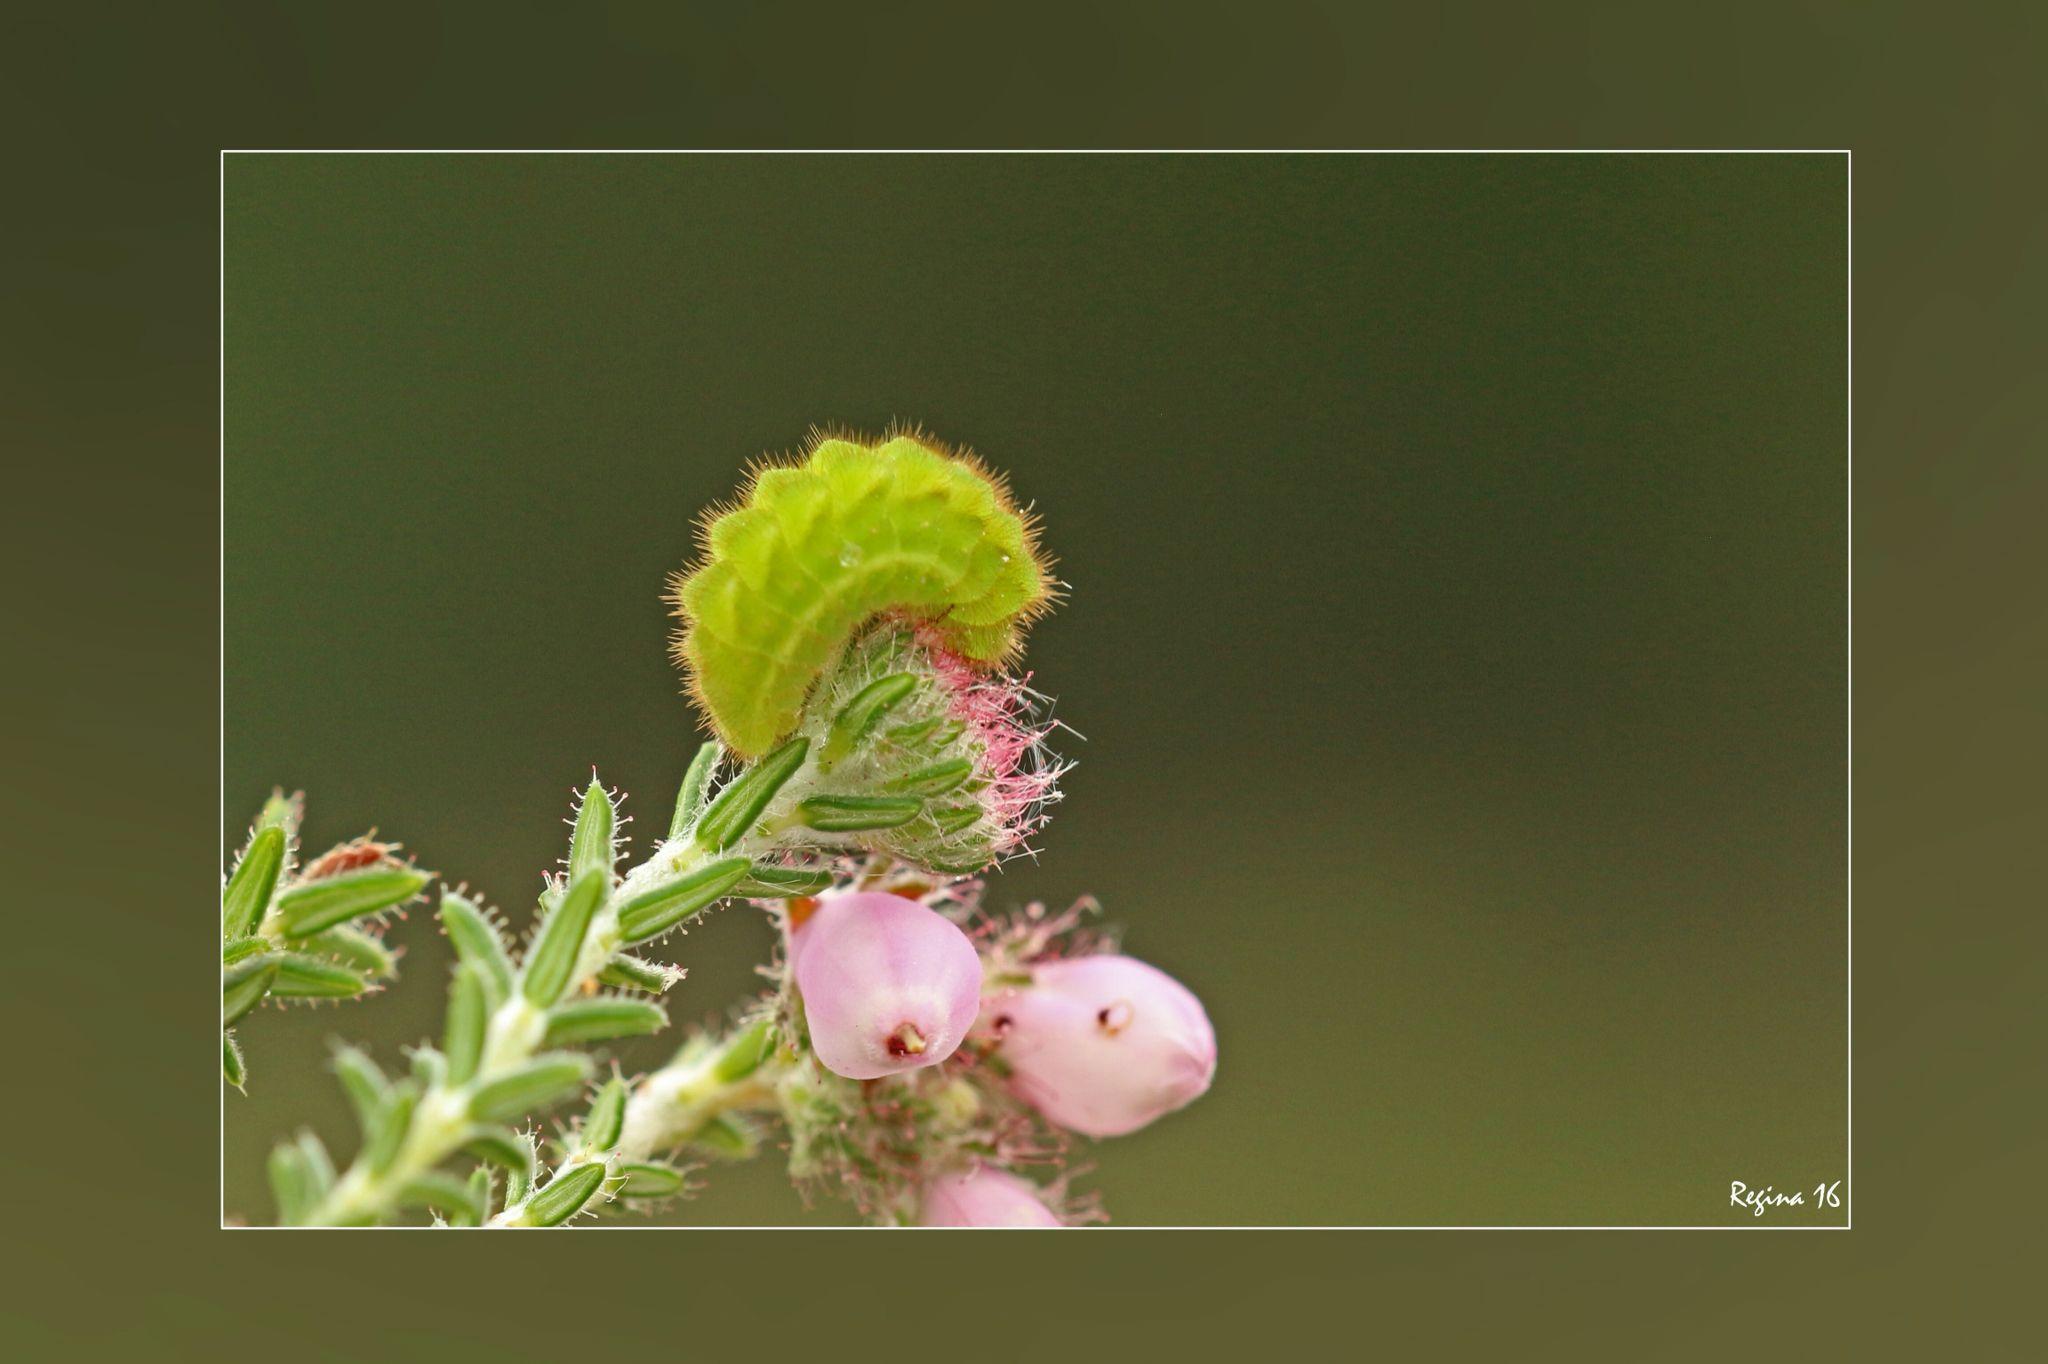 Rups van een groentje, gefotografeerd door Regina. De rupsen eten van de bloemknoppen van braam, van het jonge blad en de vruchten van sporkehout, van de knoppen en de bladeren van struikhei, dophei en bosbes.